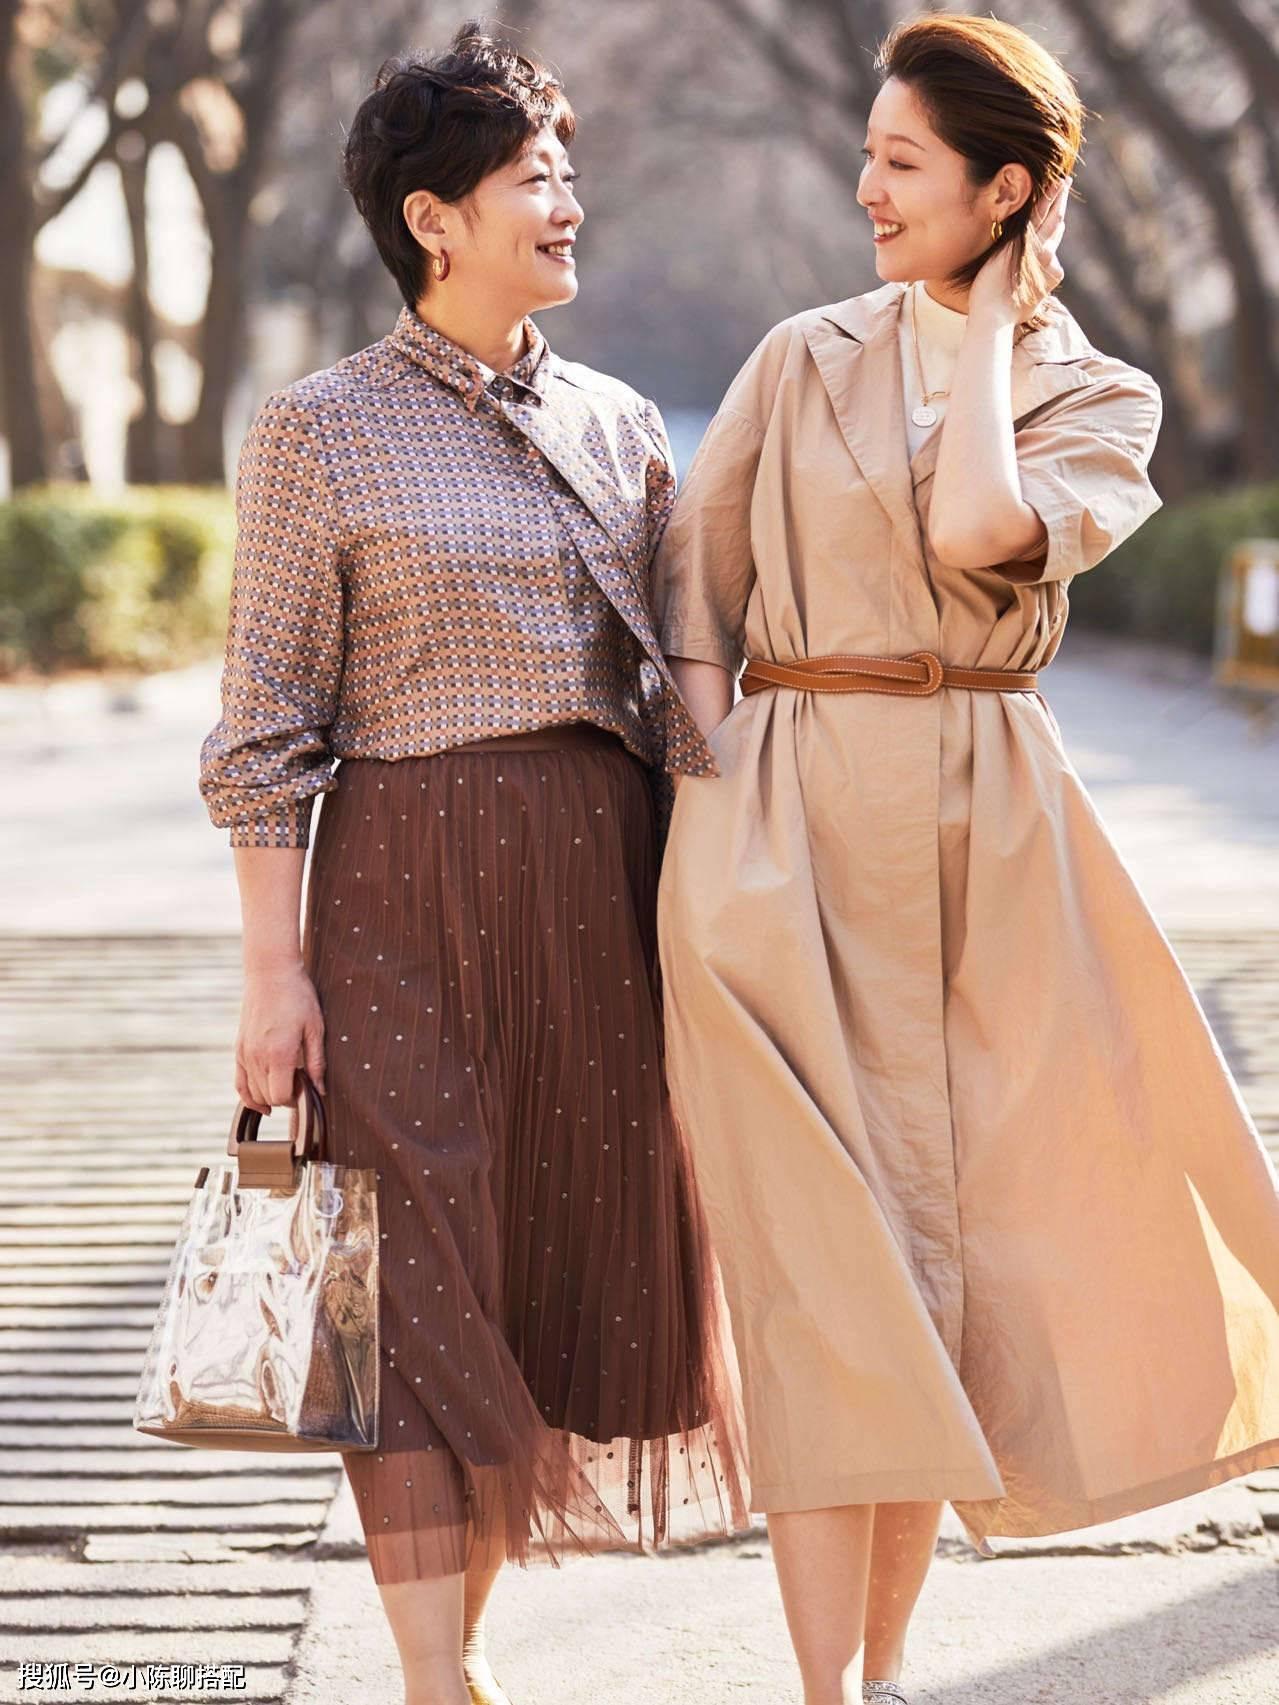 """女人過了50歲,穿半身裙要懂得""""4個技巧"""",才會美得更優雅得體"""